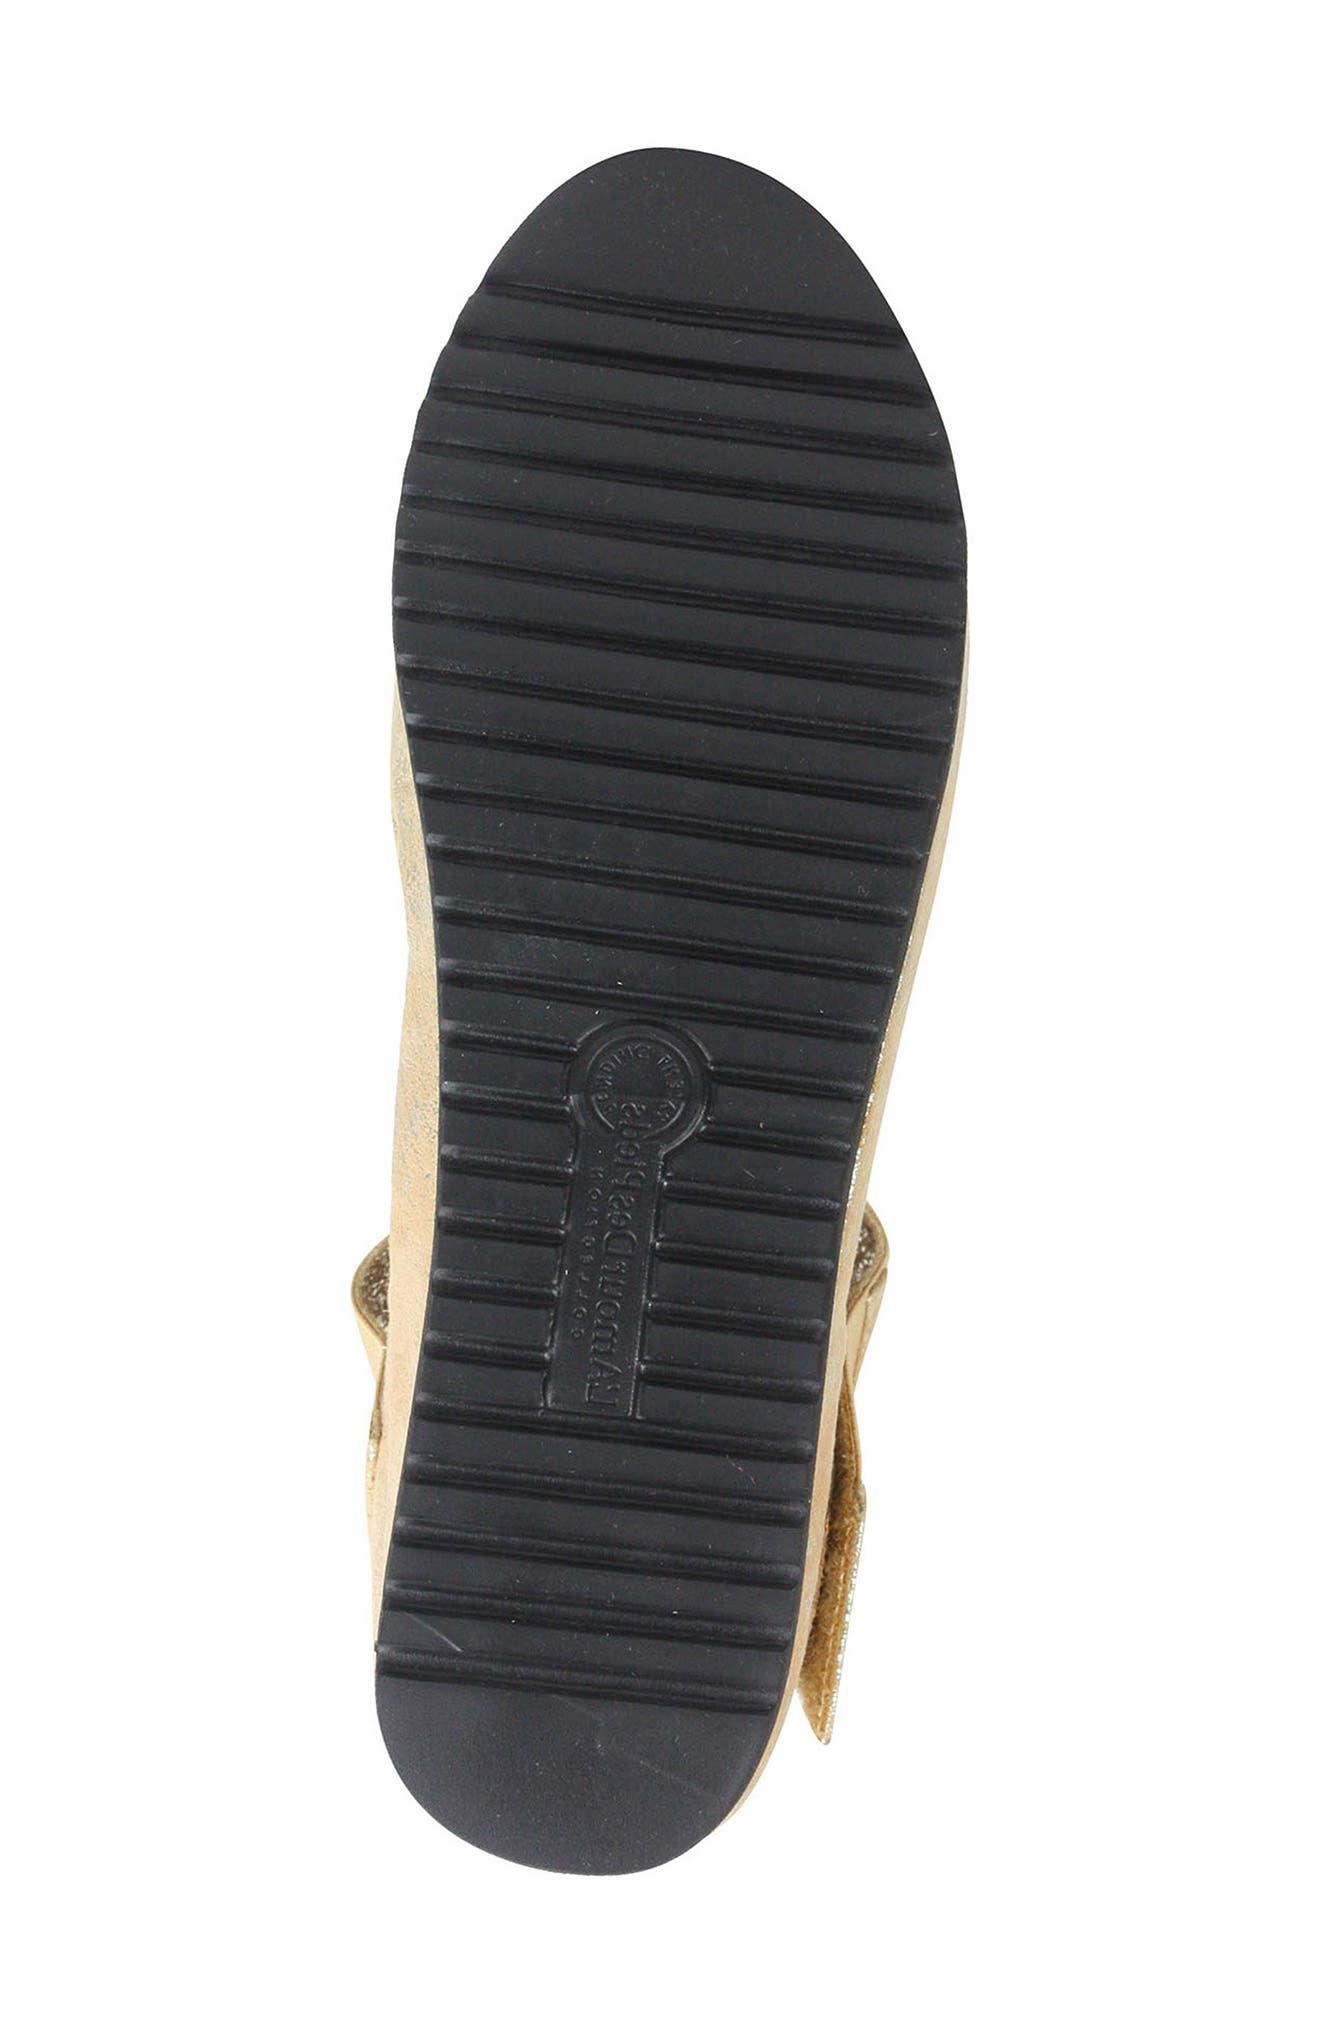 L'AMOUR DES PIEDS, 'Amadour' Platform Sandal, Alternate thumbnail 6, color, GOLD LEATHER